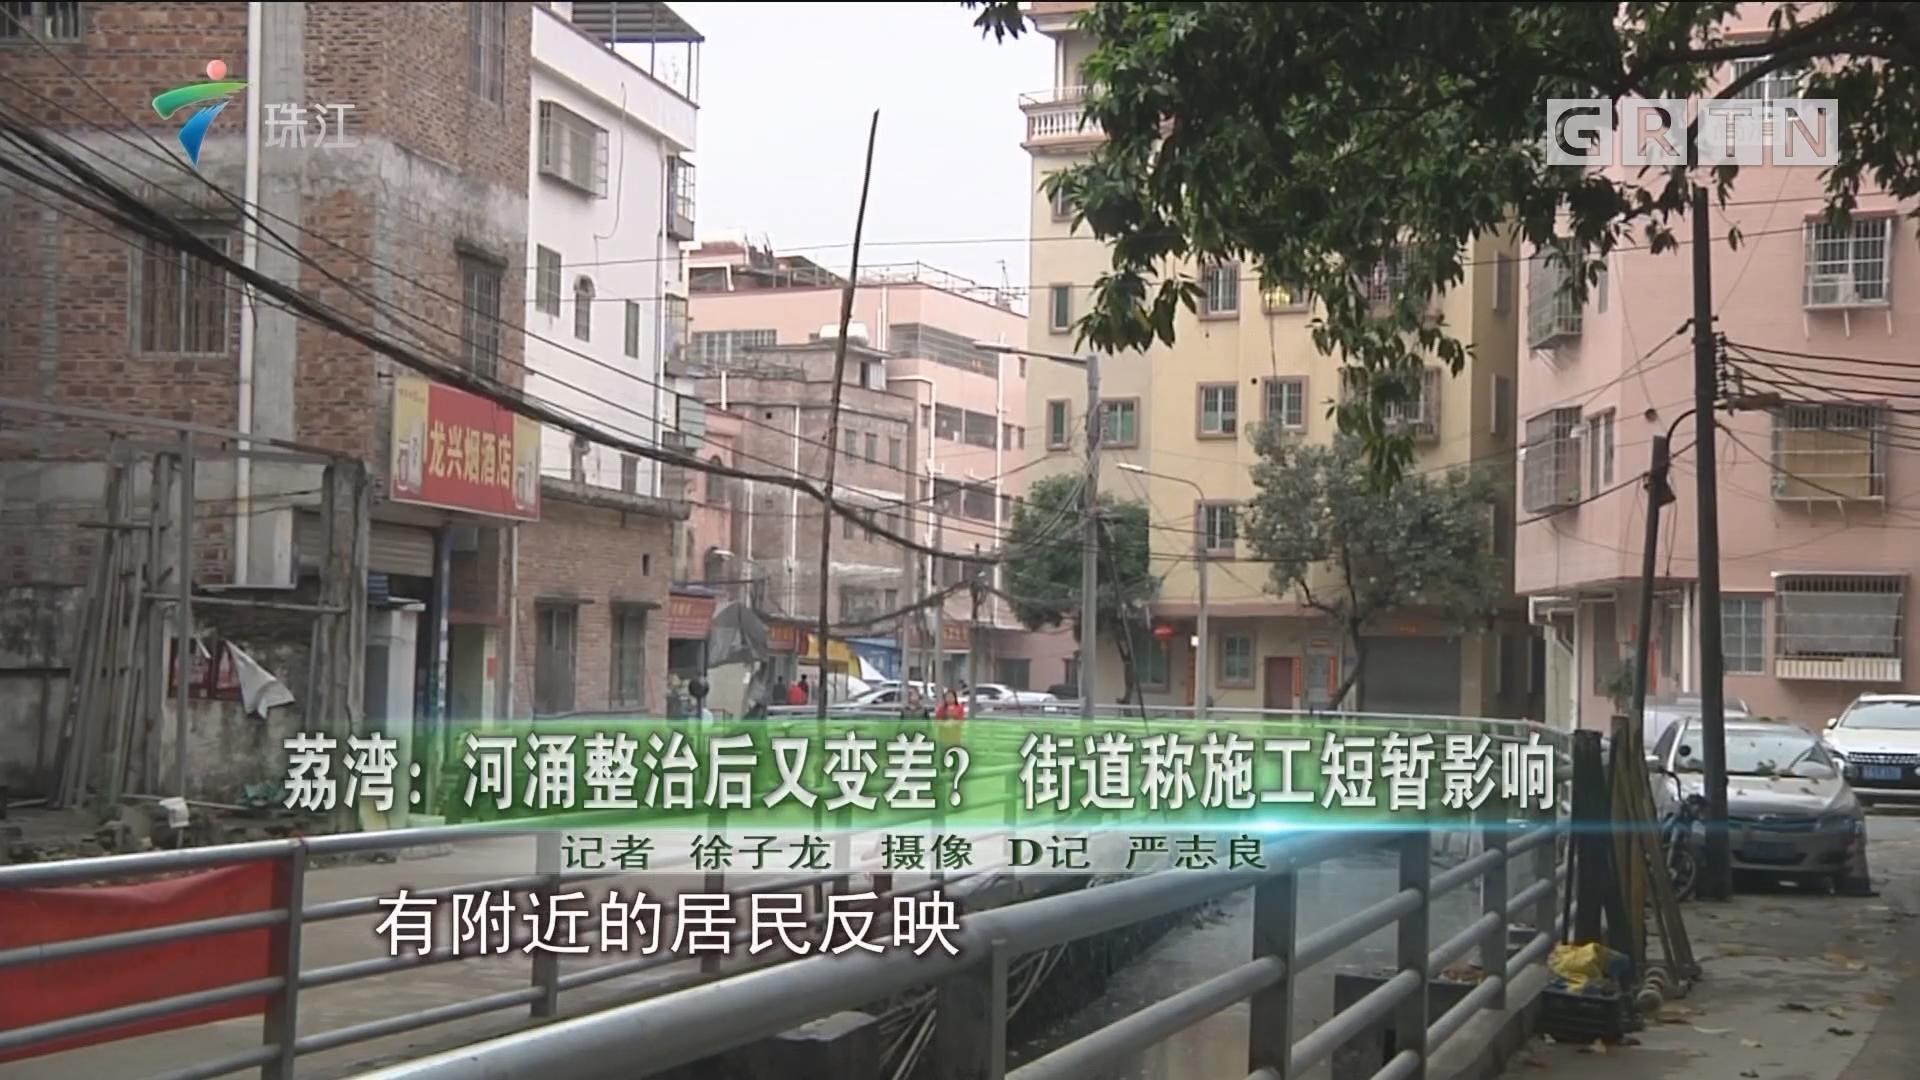 荔湾:河涌整治后又变差?街道称施工短暂影响